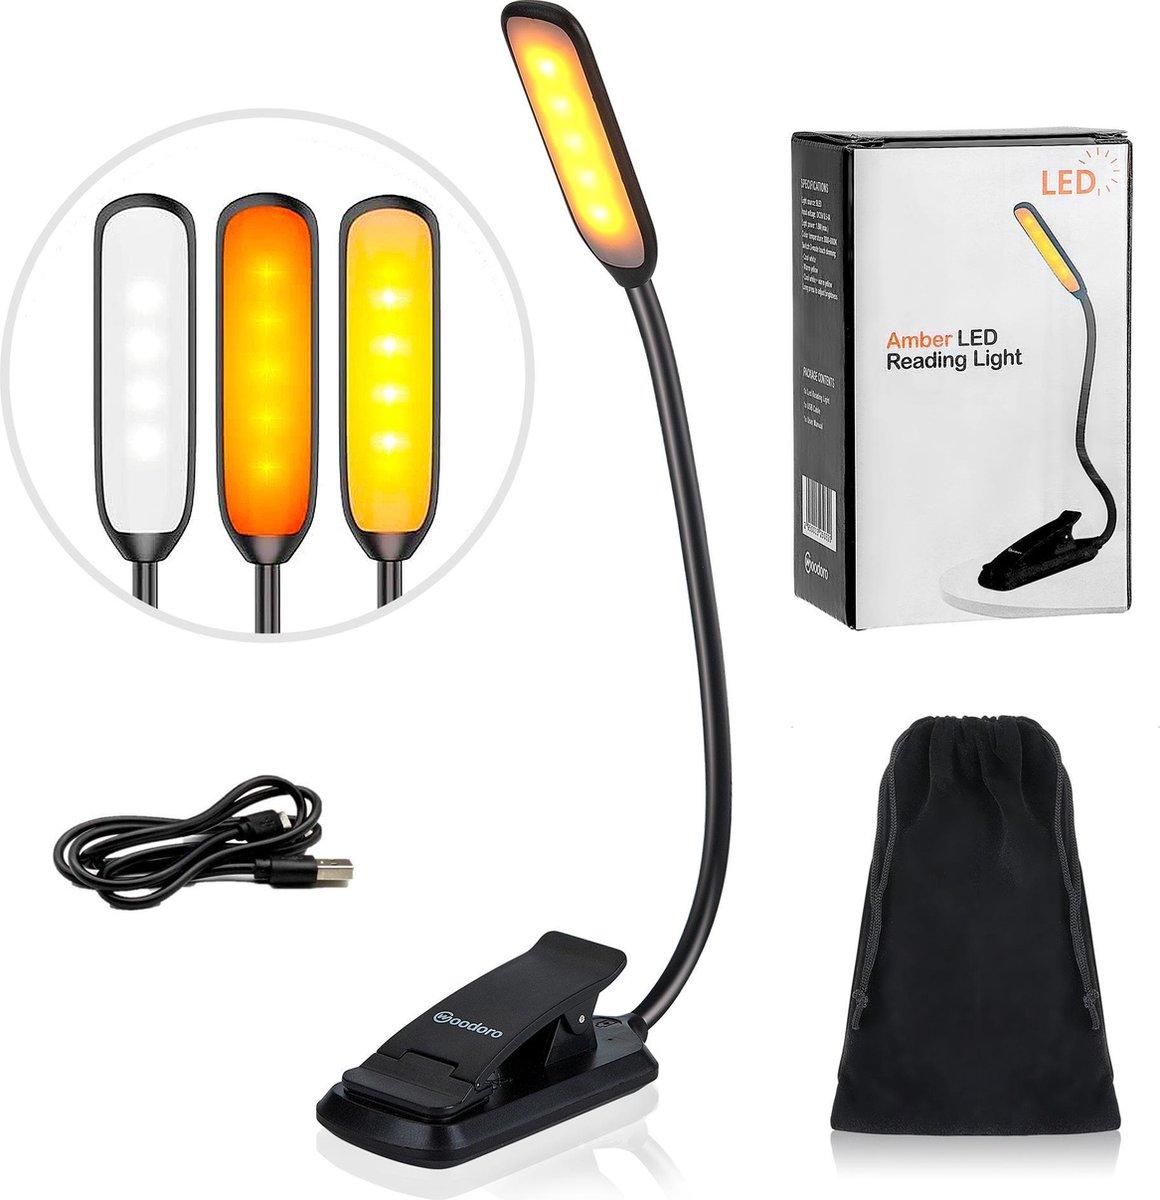 Woodoro LED Leeslampje – Filtert Blauw Licht – Bevordert Slaap - 3 Lichtstanden - Dimbaar - Oplaadba